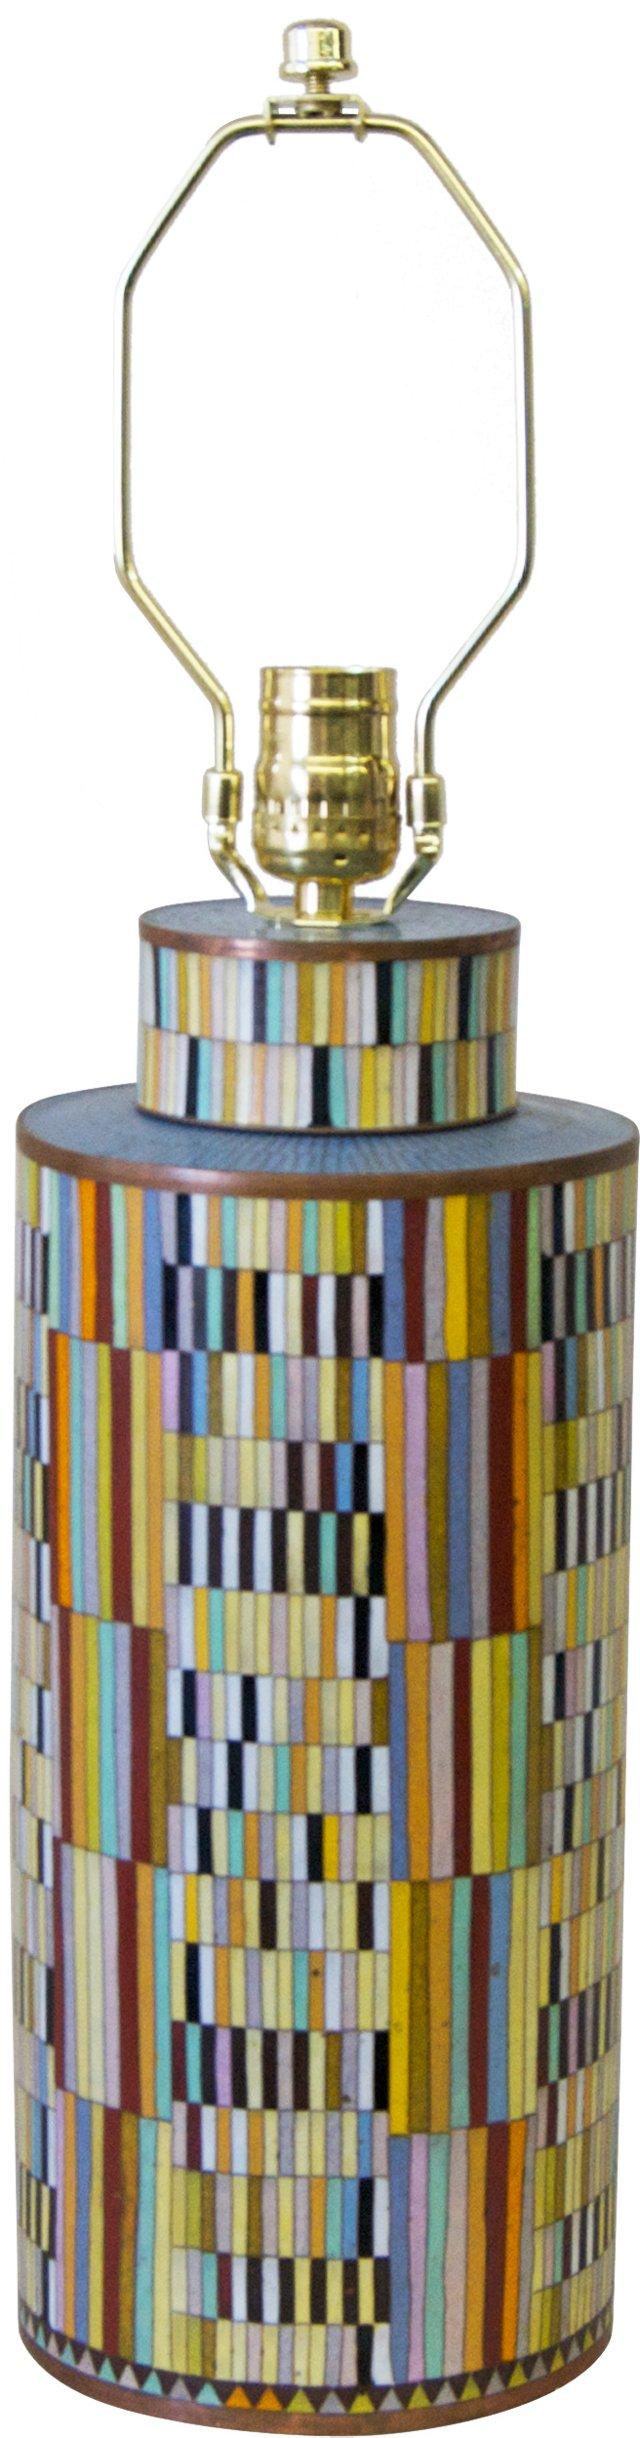 Geometric Cloisonné Lamp